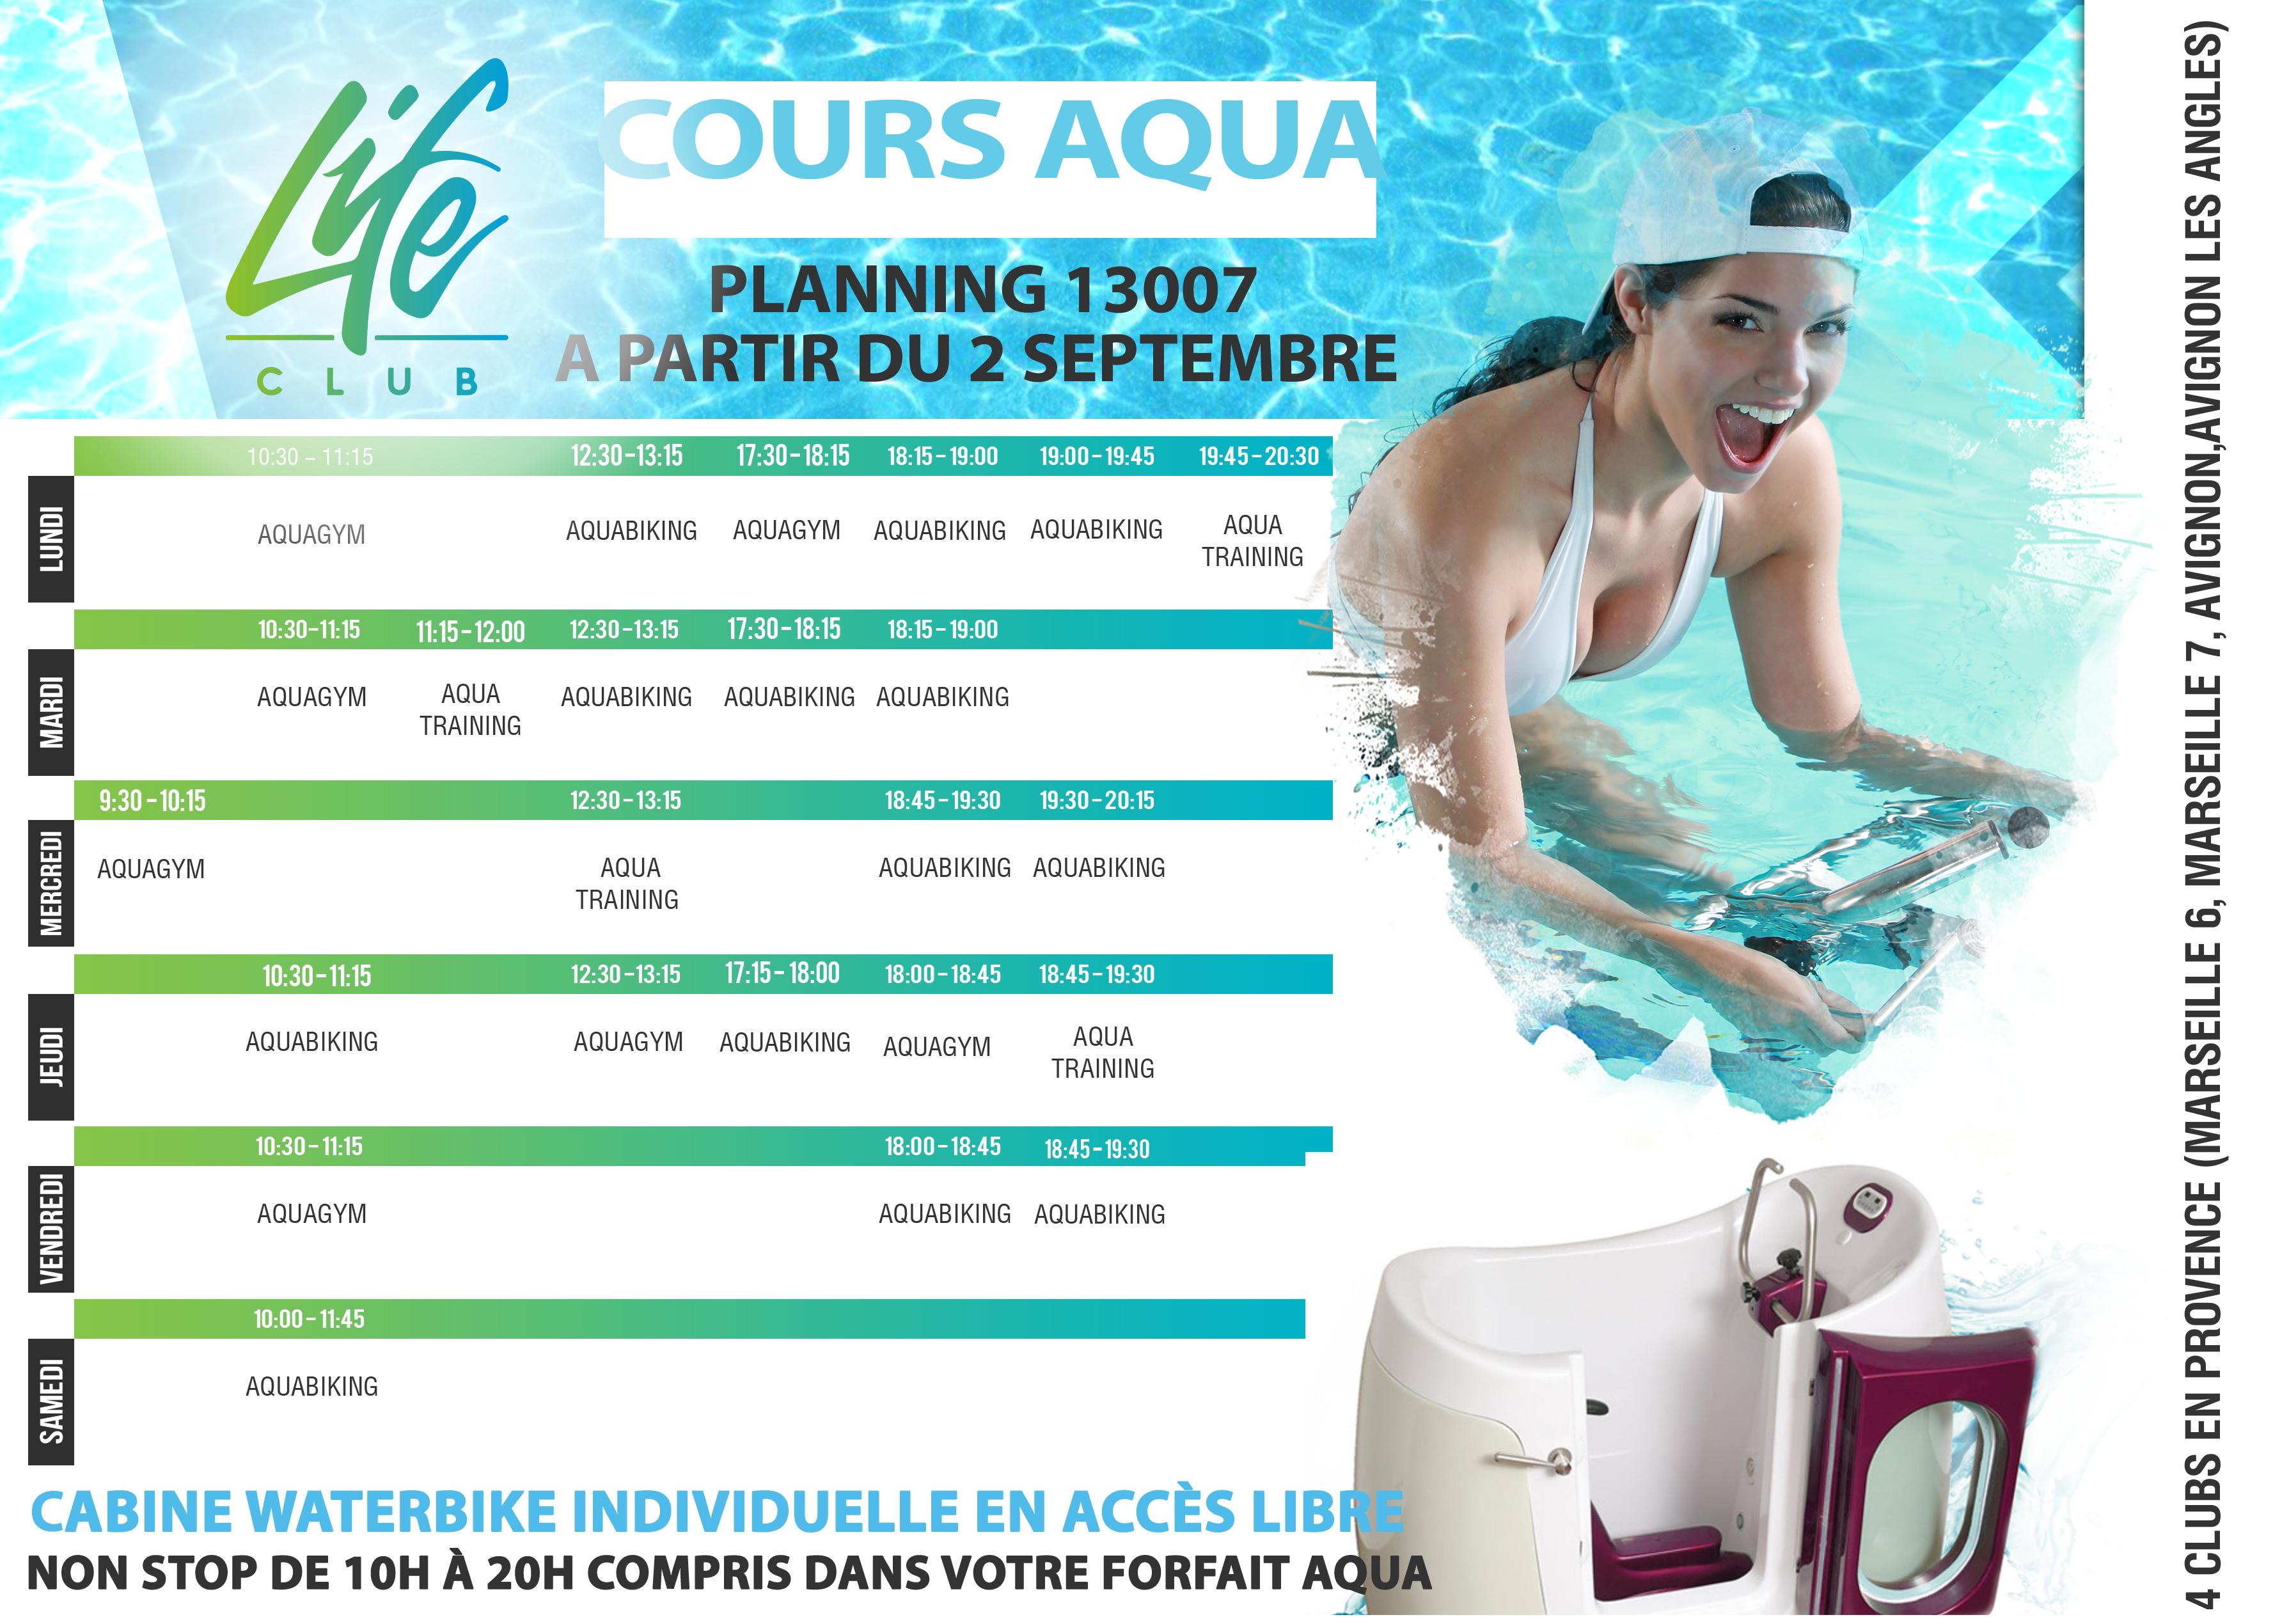 Cliquez sur le planning pour agrandir piscine aquabike 13007